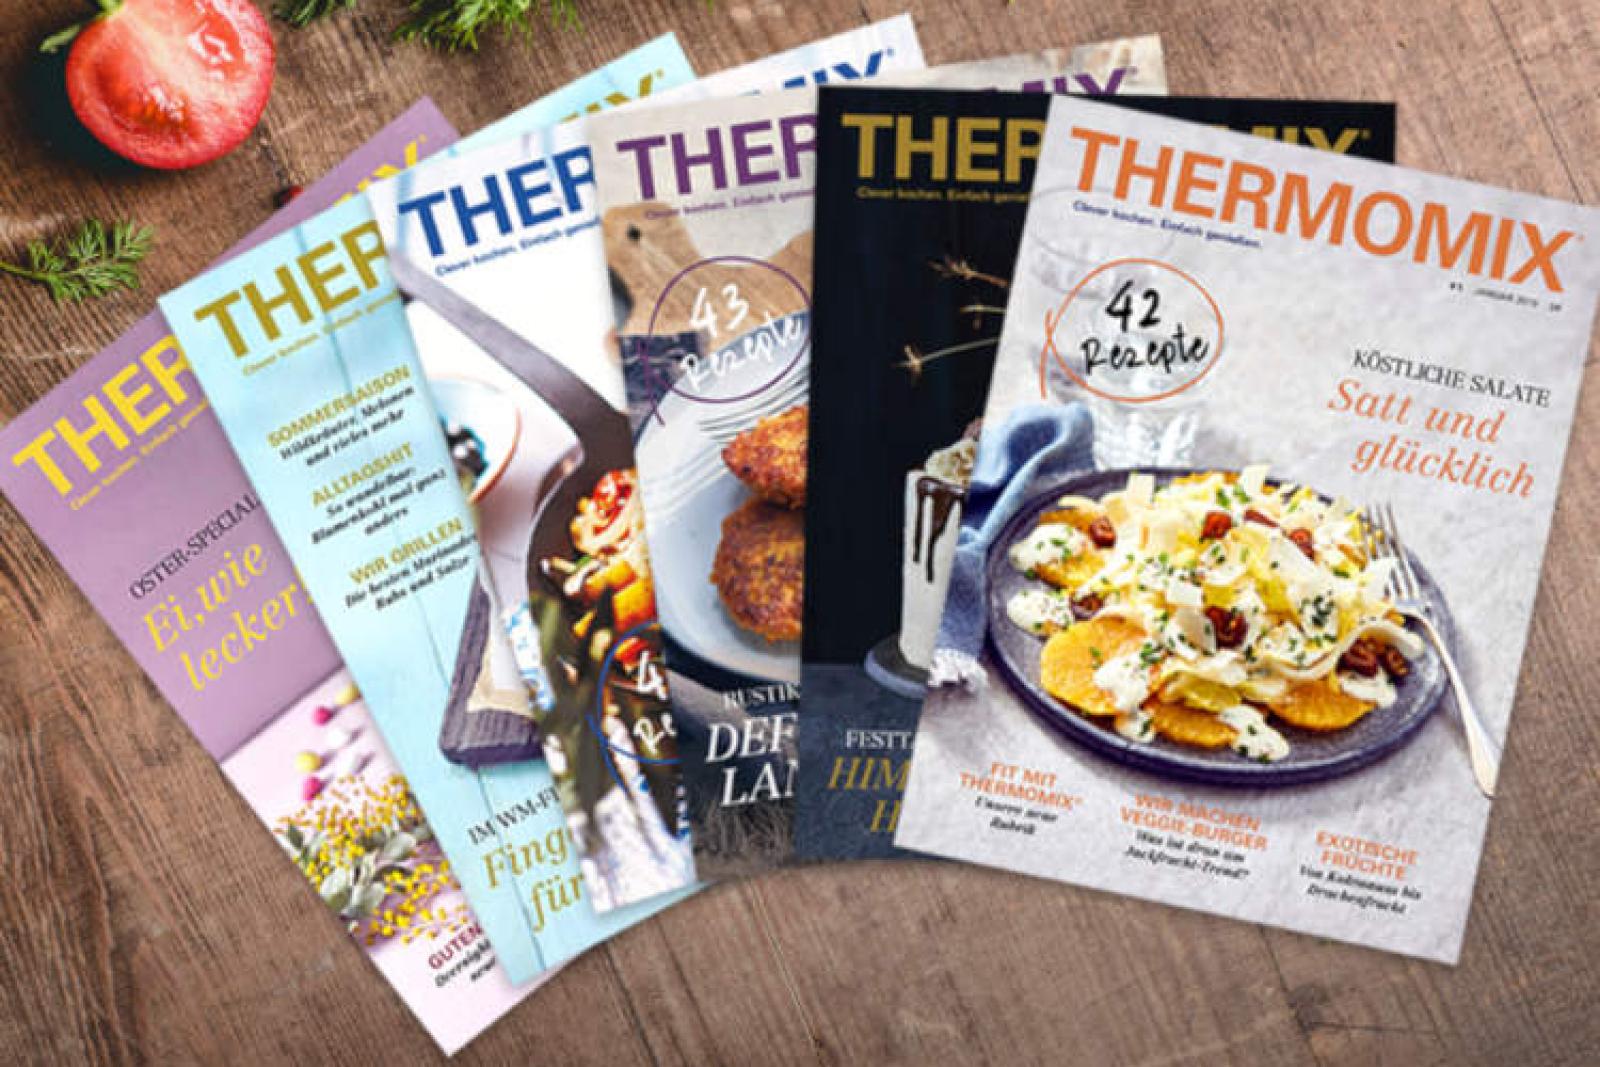 Thermomix Magazin Kündigen